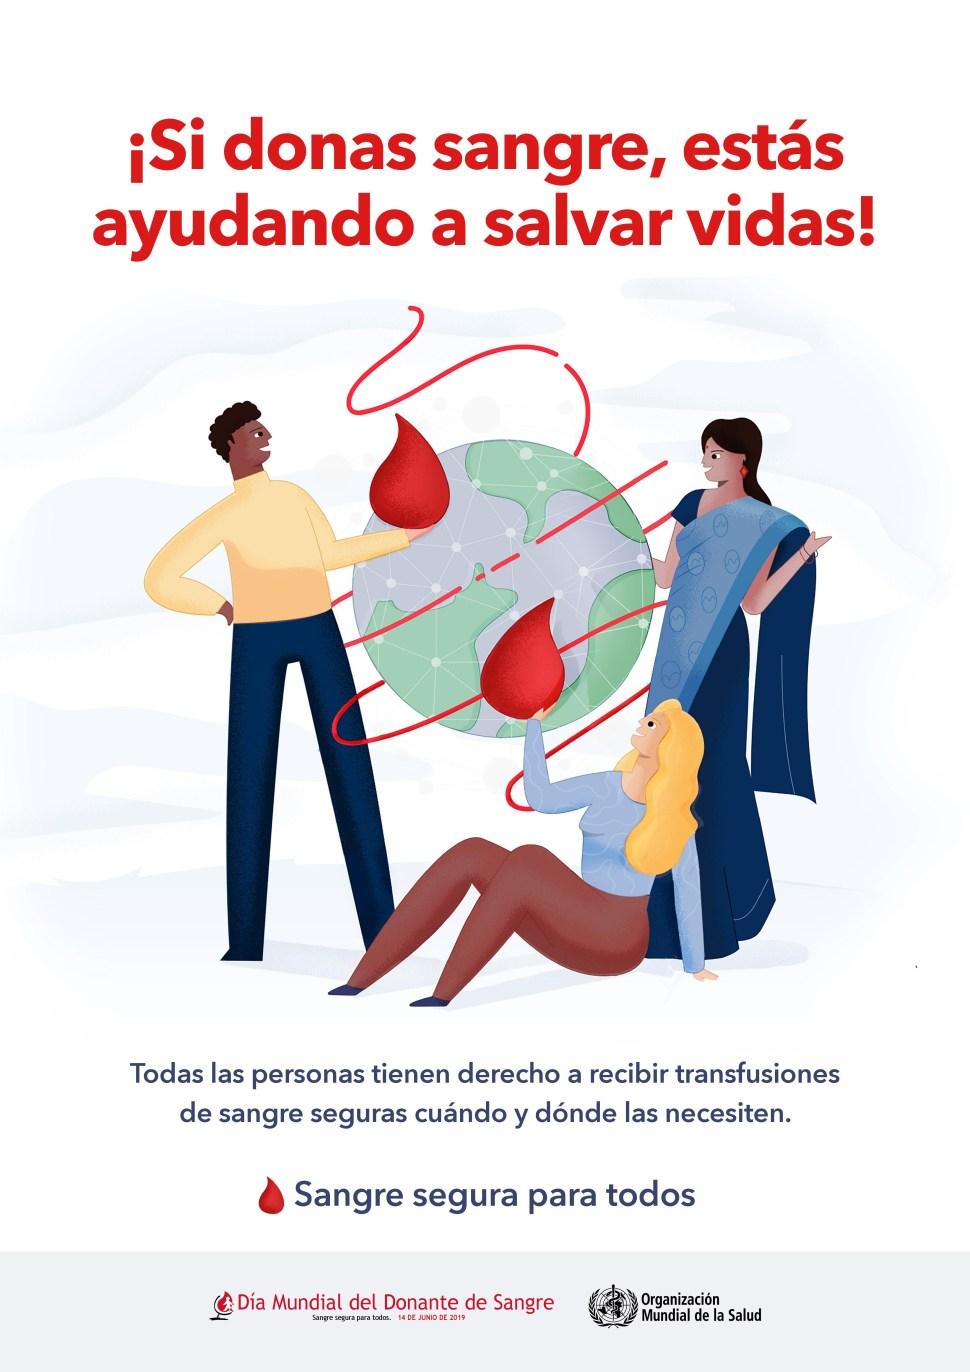 FOTO dia mundial del donante de sangre 14 JUNIO 2019